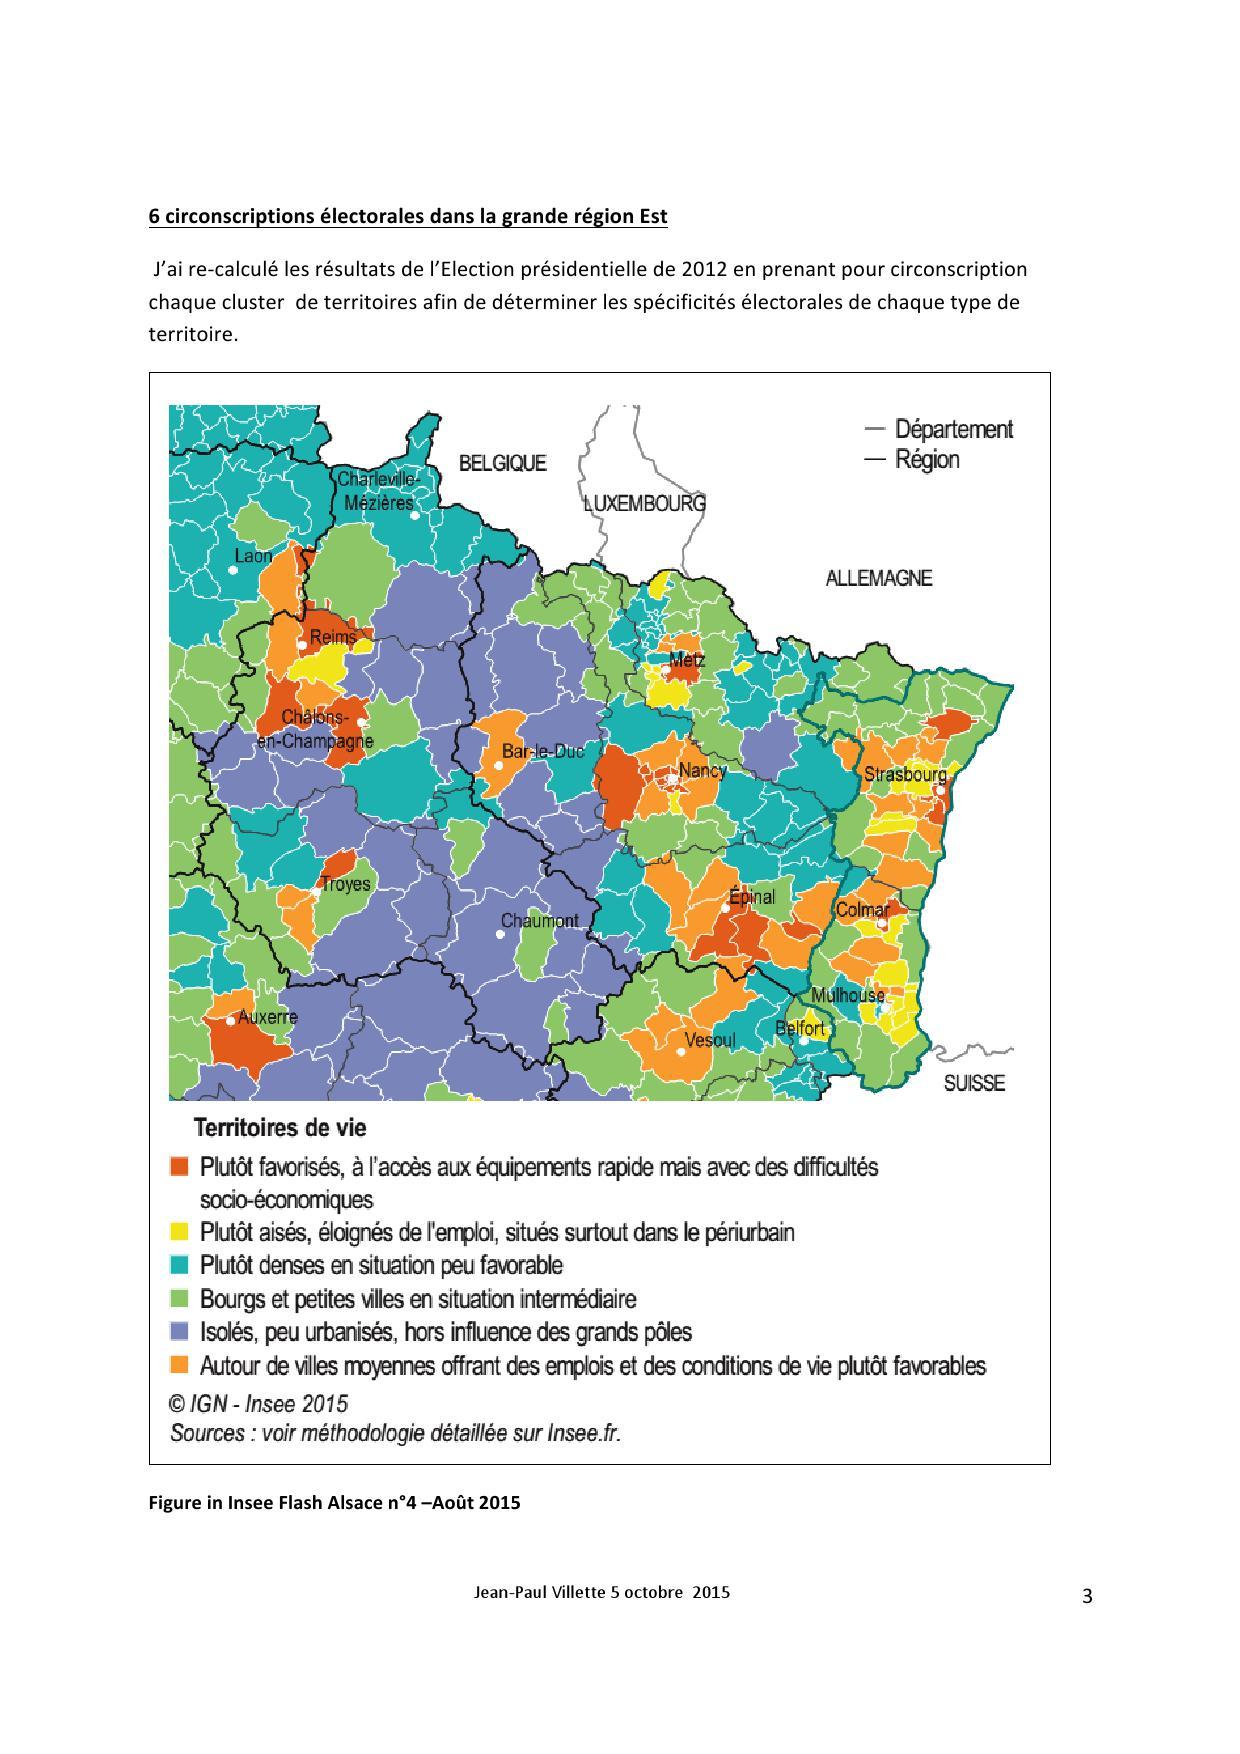 qualité de vie des territoires Jean-Paul Villette 4 octobre 2015_000003.jpg